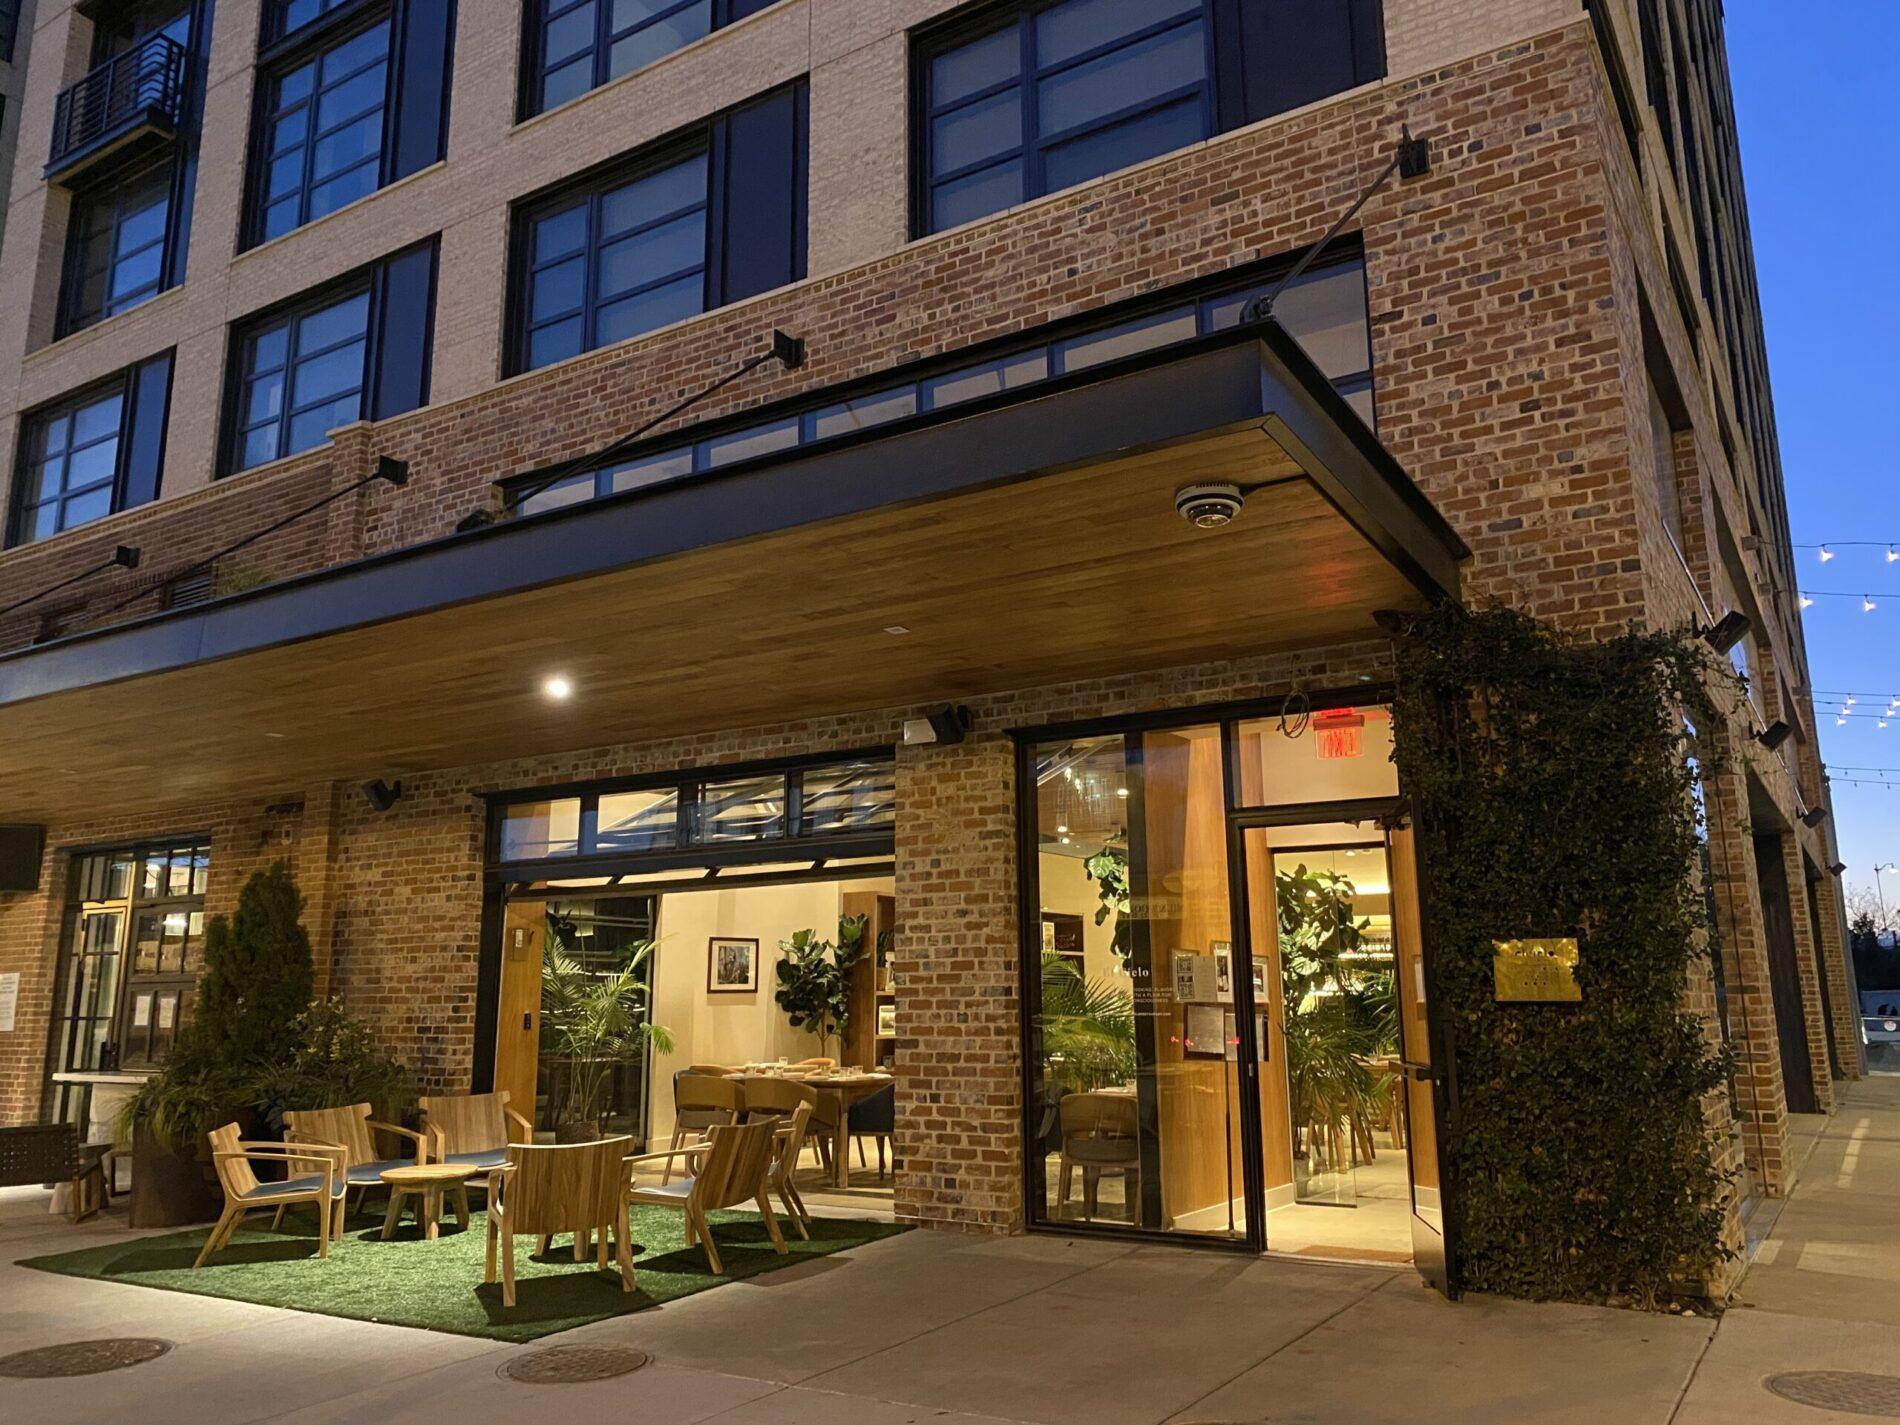 Elcielo Restaurant en Washington D.C. EMBAJADA GASTRONÓMICA DE COLOMBIA